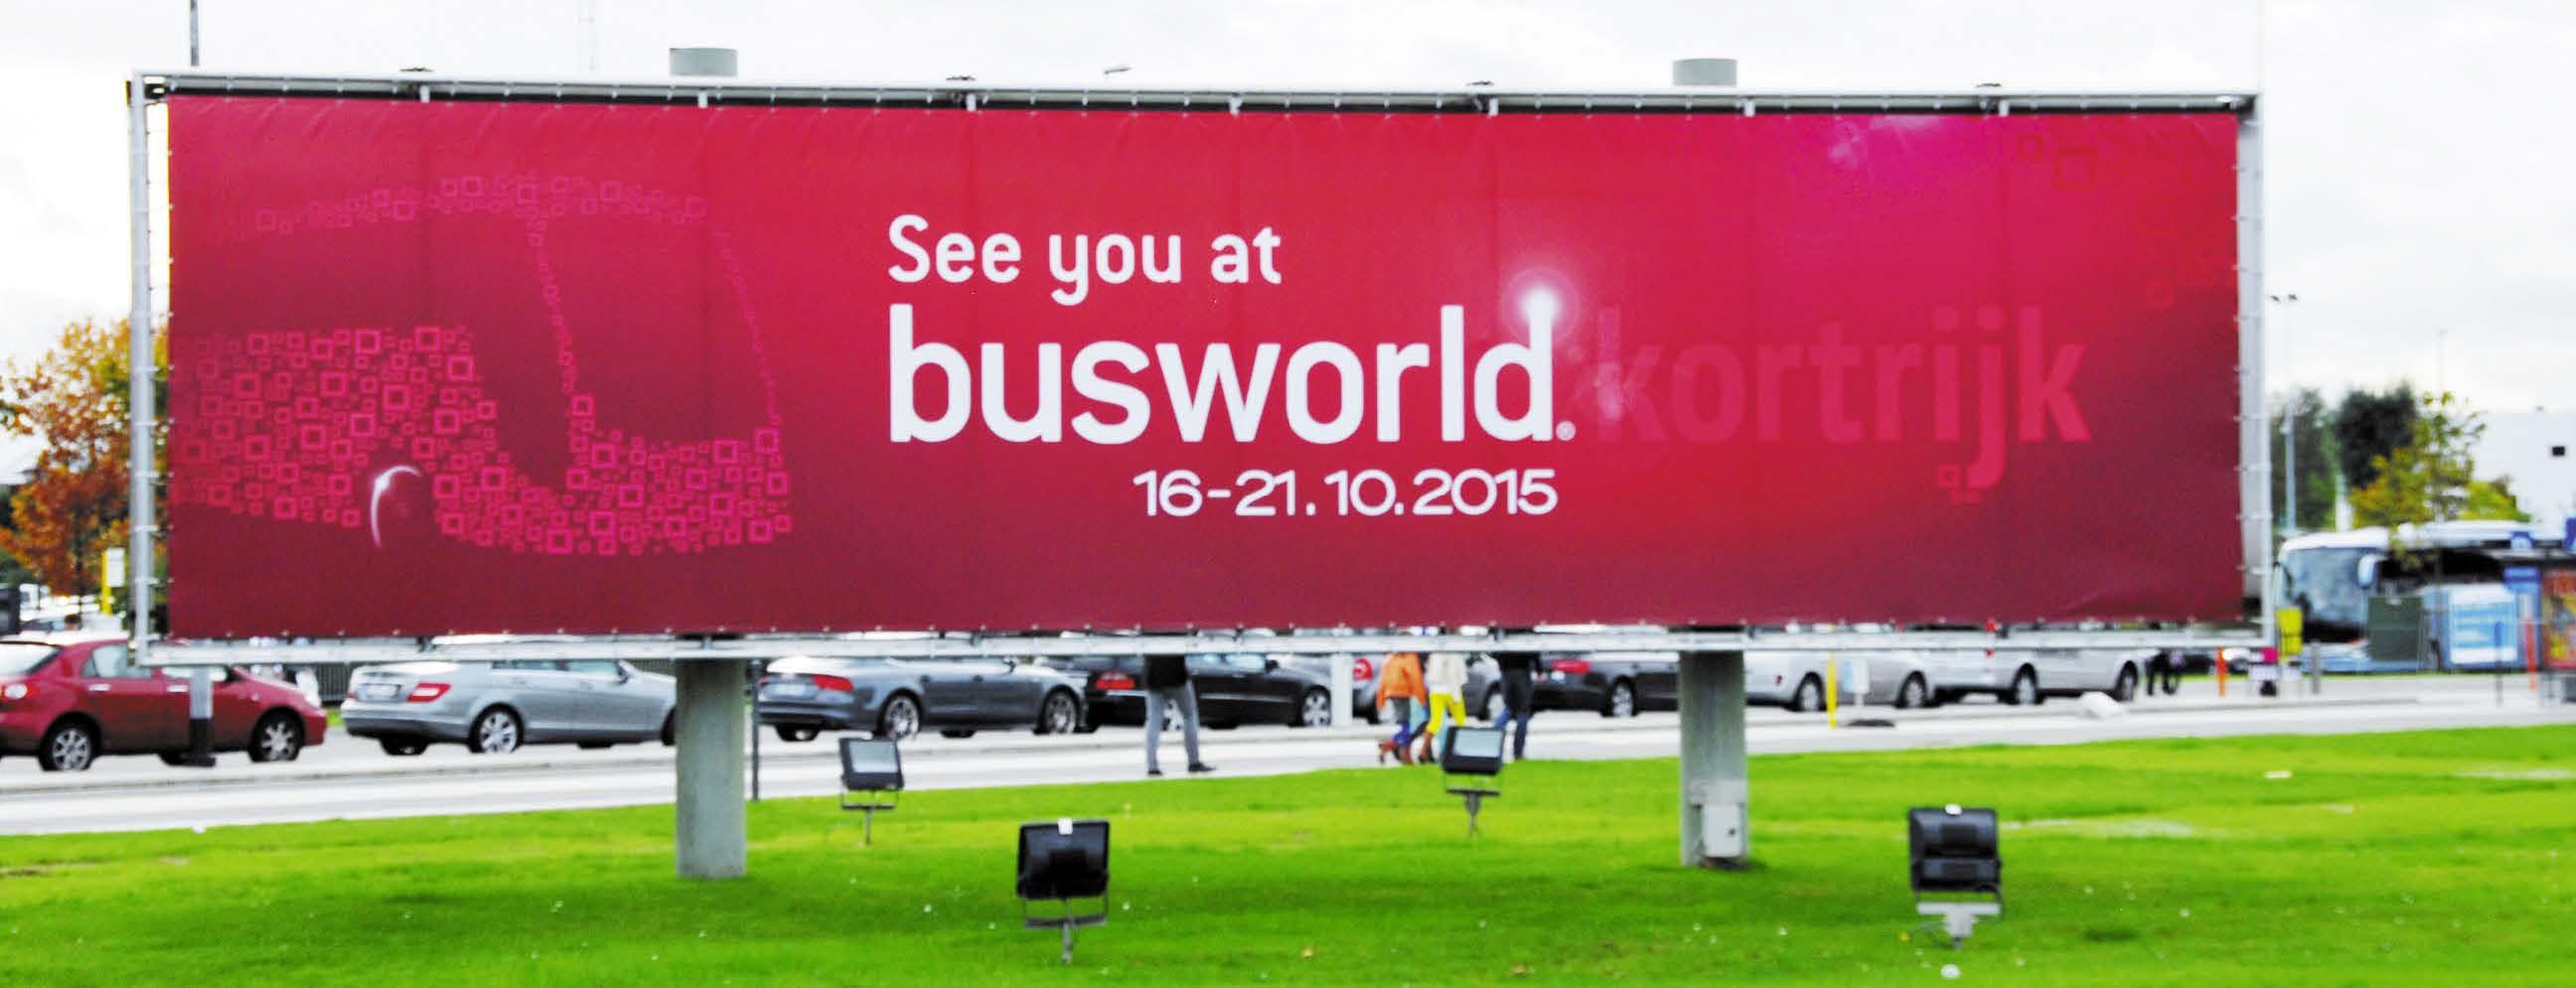 Busworld Kortrijk 2013: Евро-6 плюс електрификация